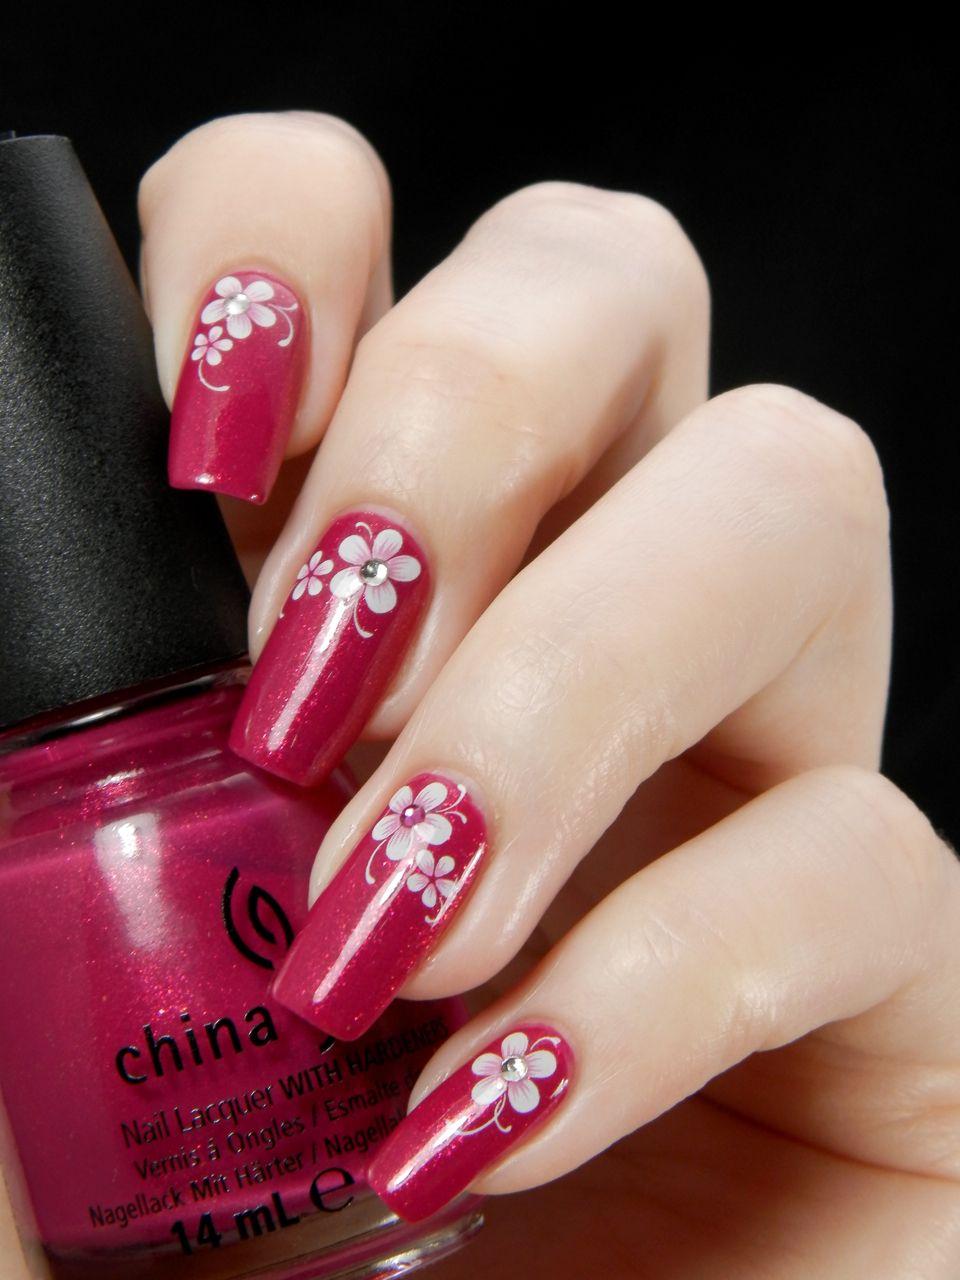 Better nail day nail nails nailart flower nails pinterest better nail day nail nails nailart solutioingenieria Gallery